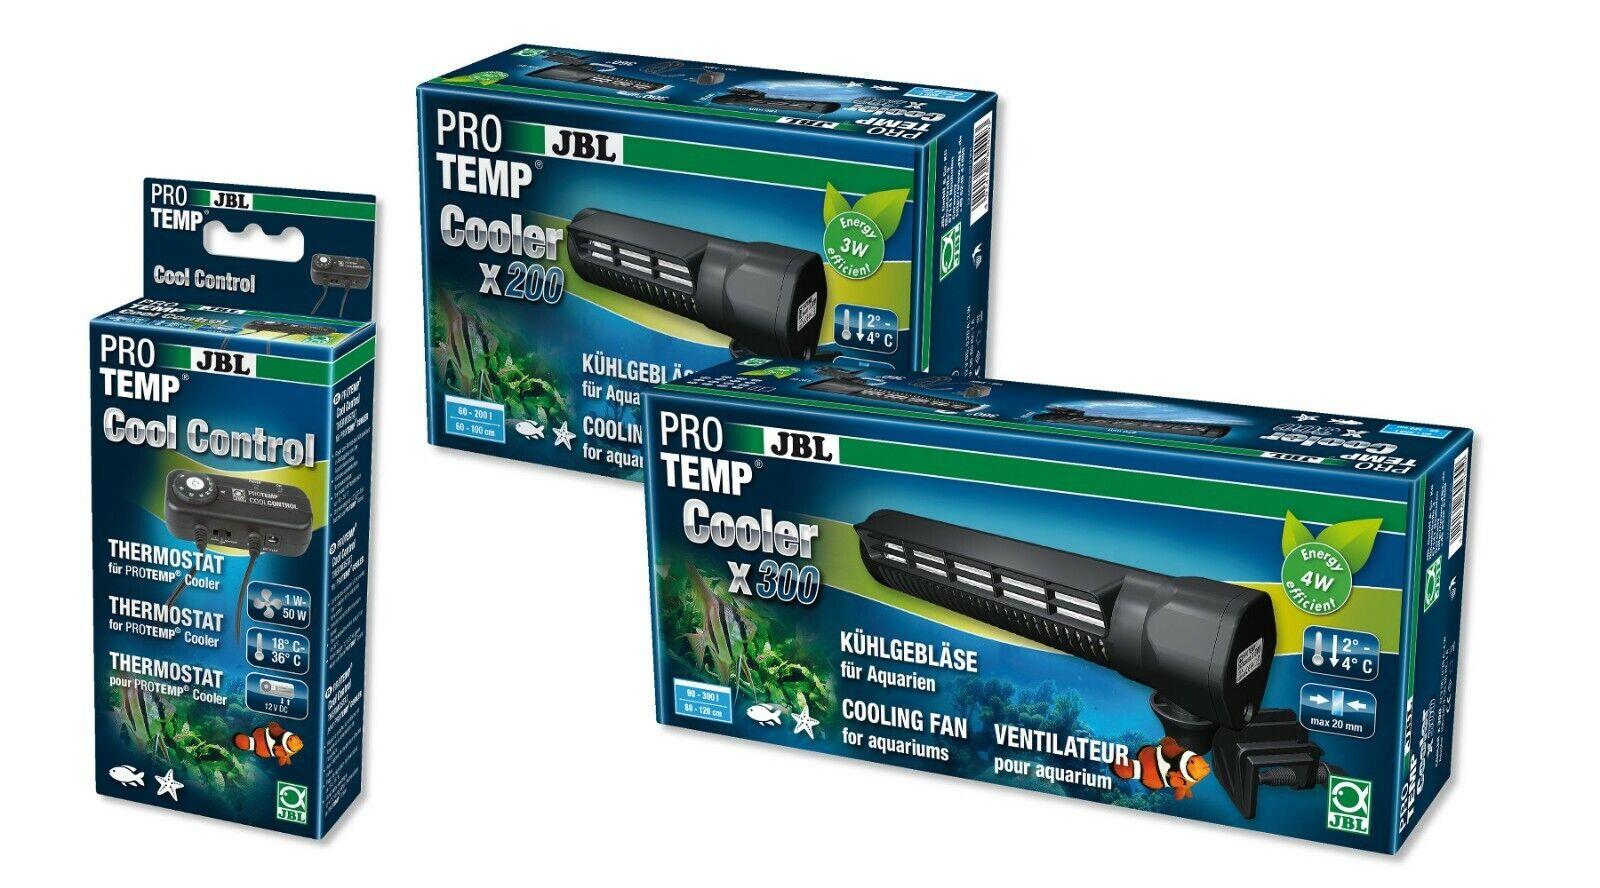 JBL ProTemp Cooler X 200 300 Aquarium Fan Cooler  ller CoolControl Thermostat